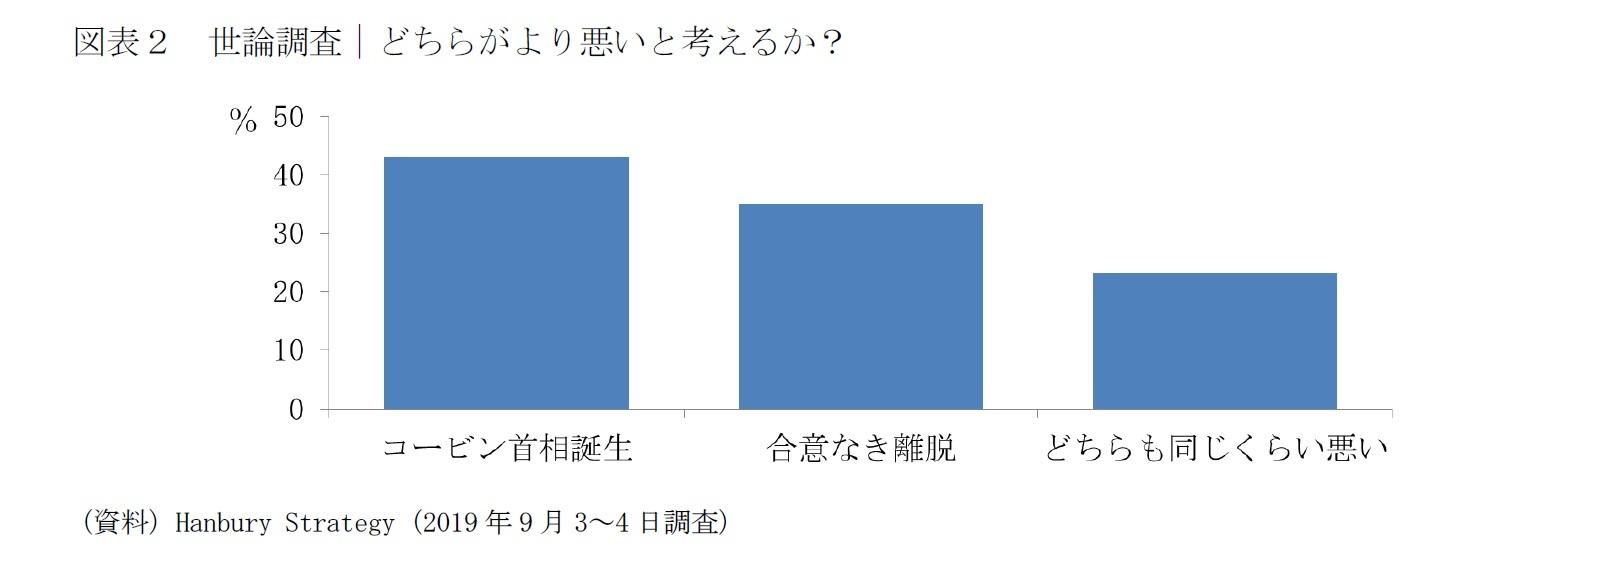 図表2 世論調査|どちらがより悪いと考えるか?